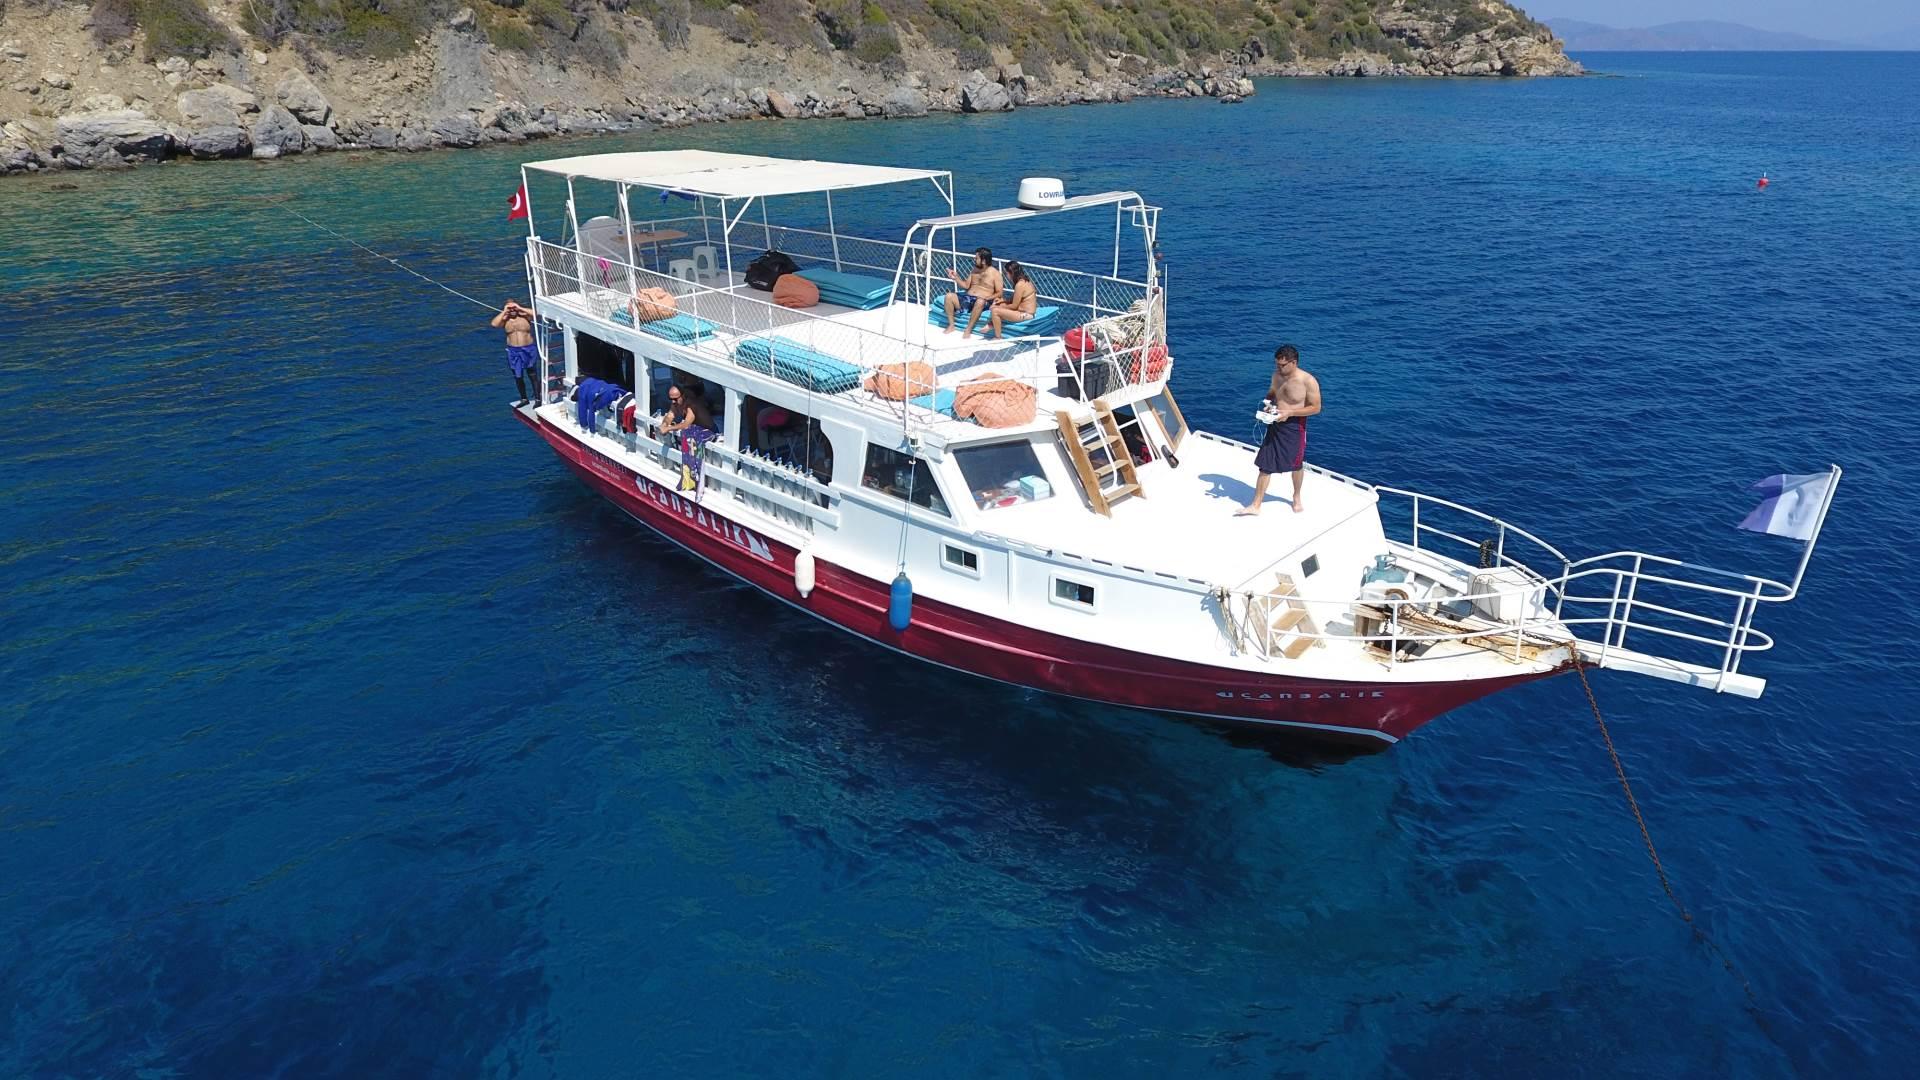 Datca Ucanbalik Diving Center, Dive Boat UCANBALIK